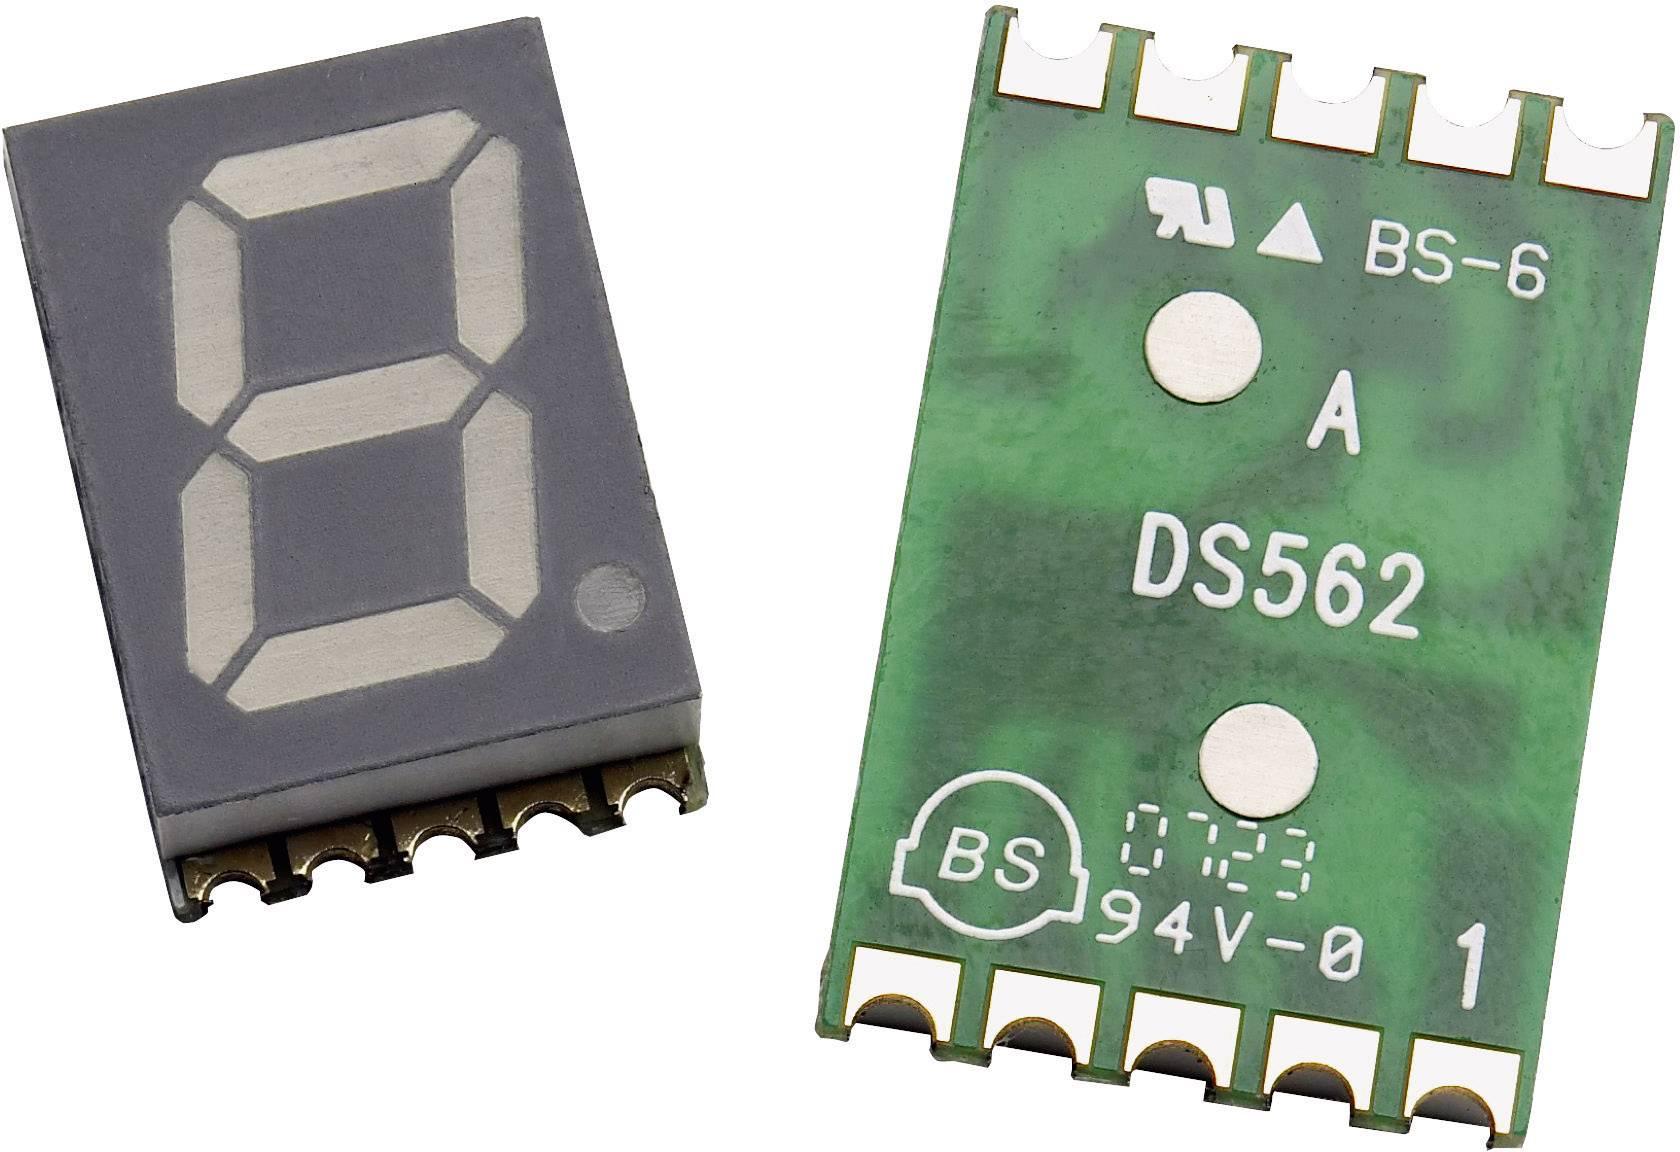 7-segmentový displej Broadcom HDSM-433C, číslic 1, 10 mm, 2 V, červená